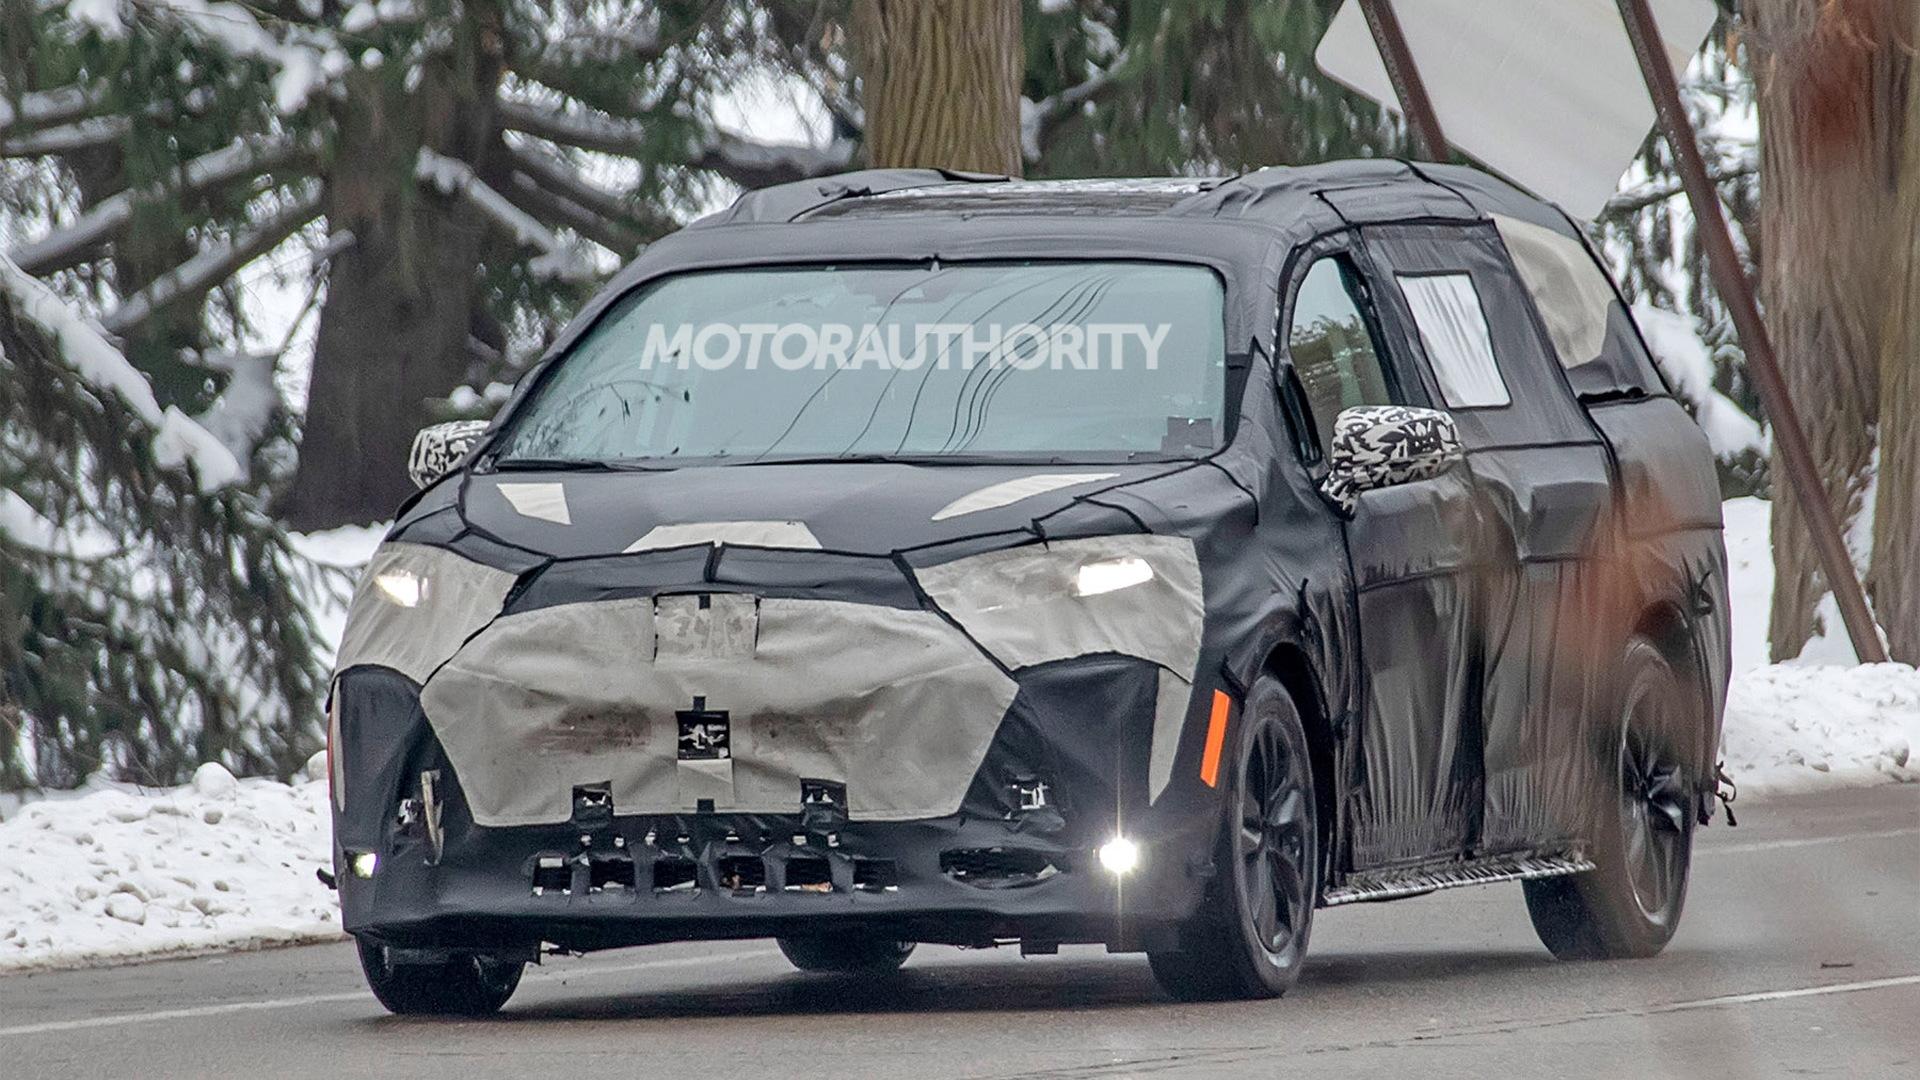 2021 Toyota Sienna spy shots - Photo credit: S. Baldauf/SB-Medien